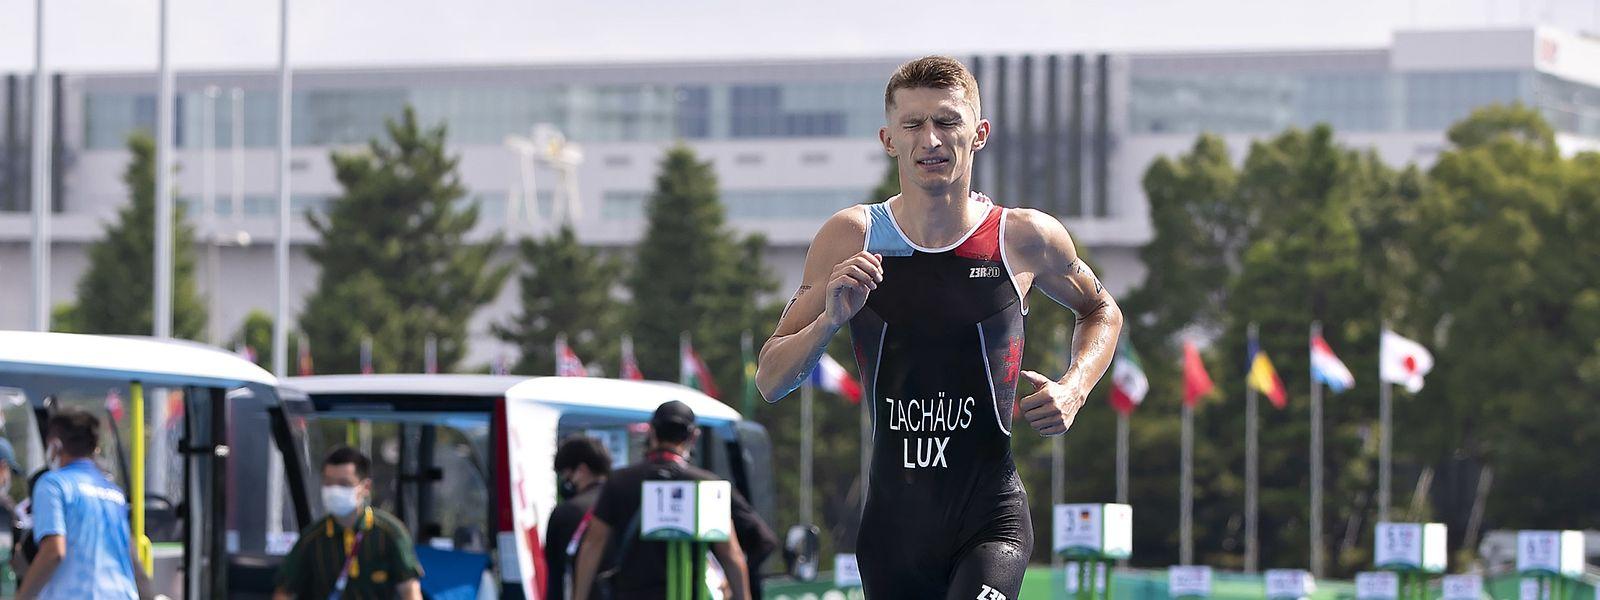 Pour Stefan Zachäus, l'épreuve de triathlon de dimanche s'est apparentée à de véritables montagnes russes. Il a franchi la ligne d'arrivée en 44e position.